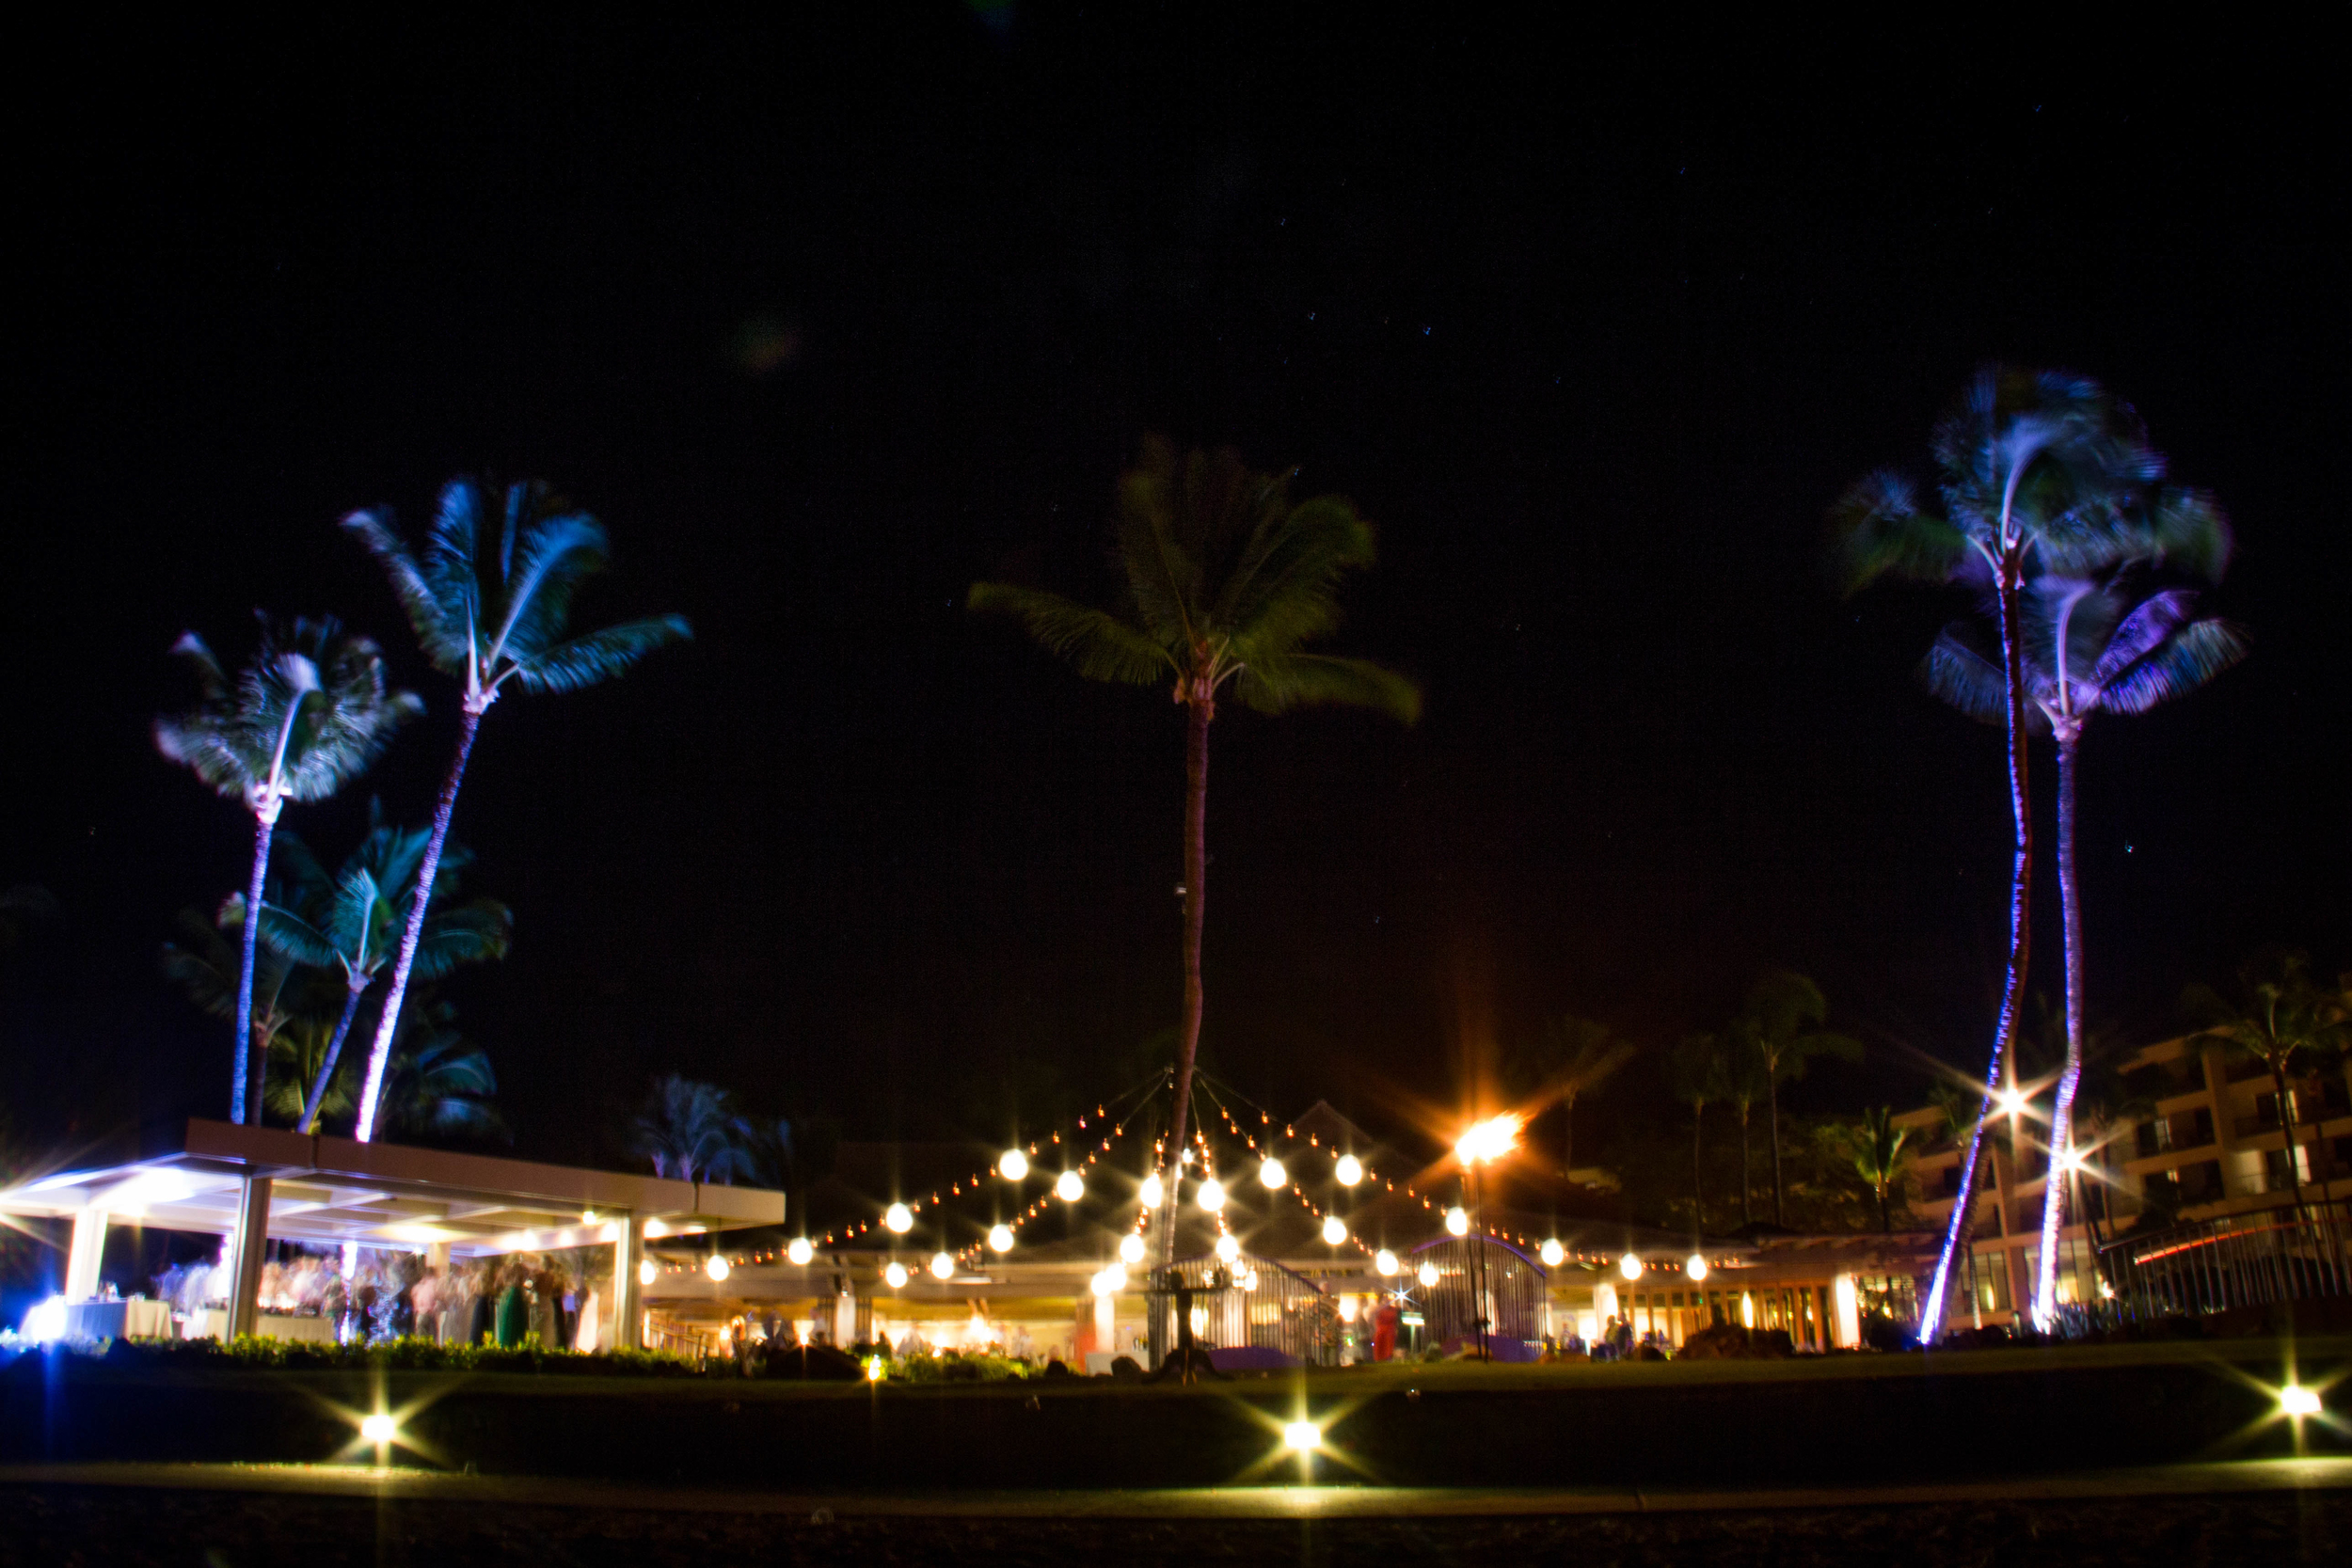 big island hawaii mauna lani resort wedding © kelilina photography 20160131202929-1.jpg